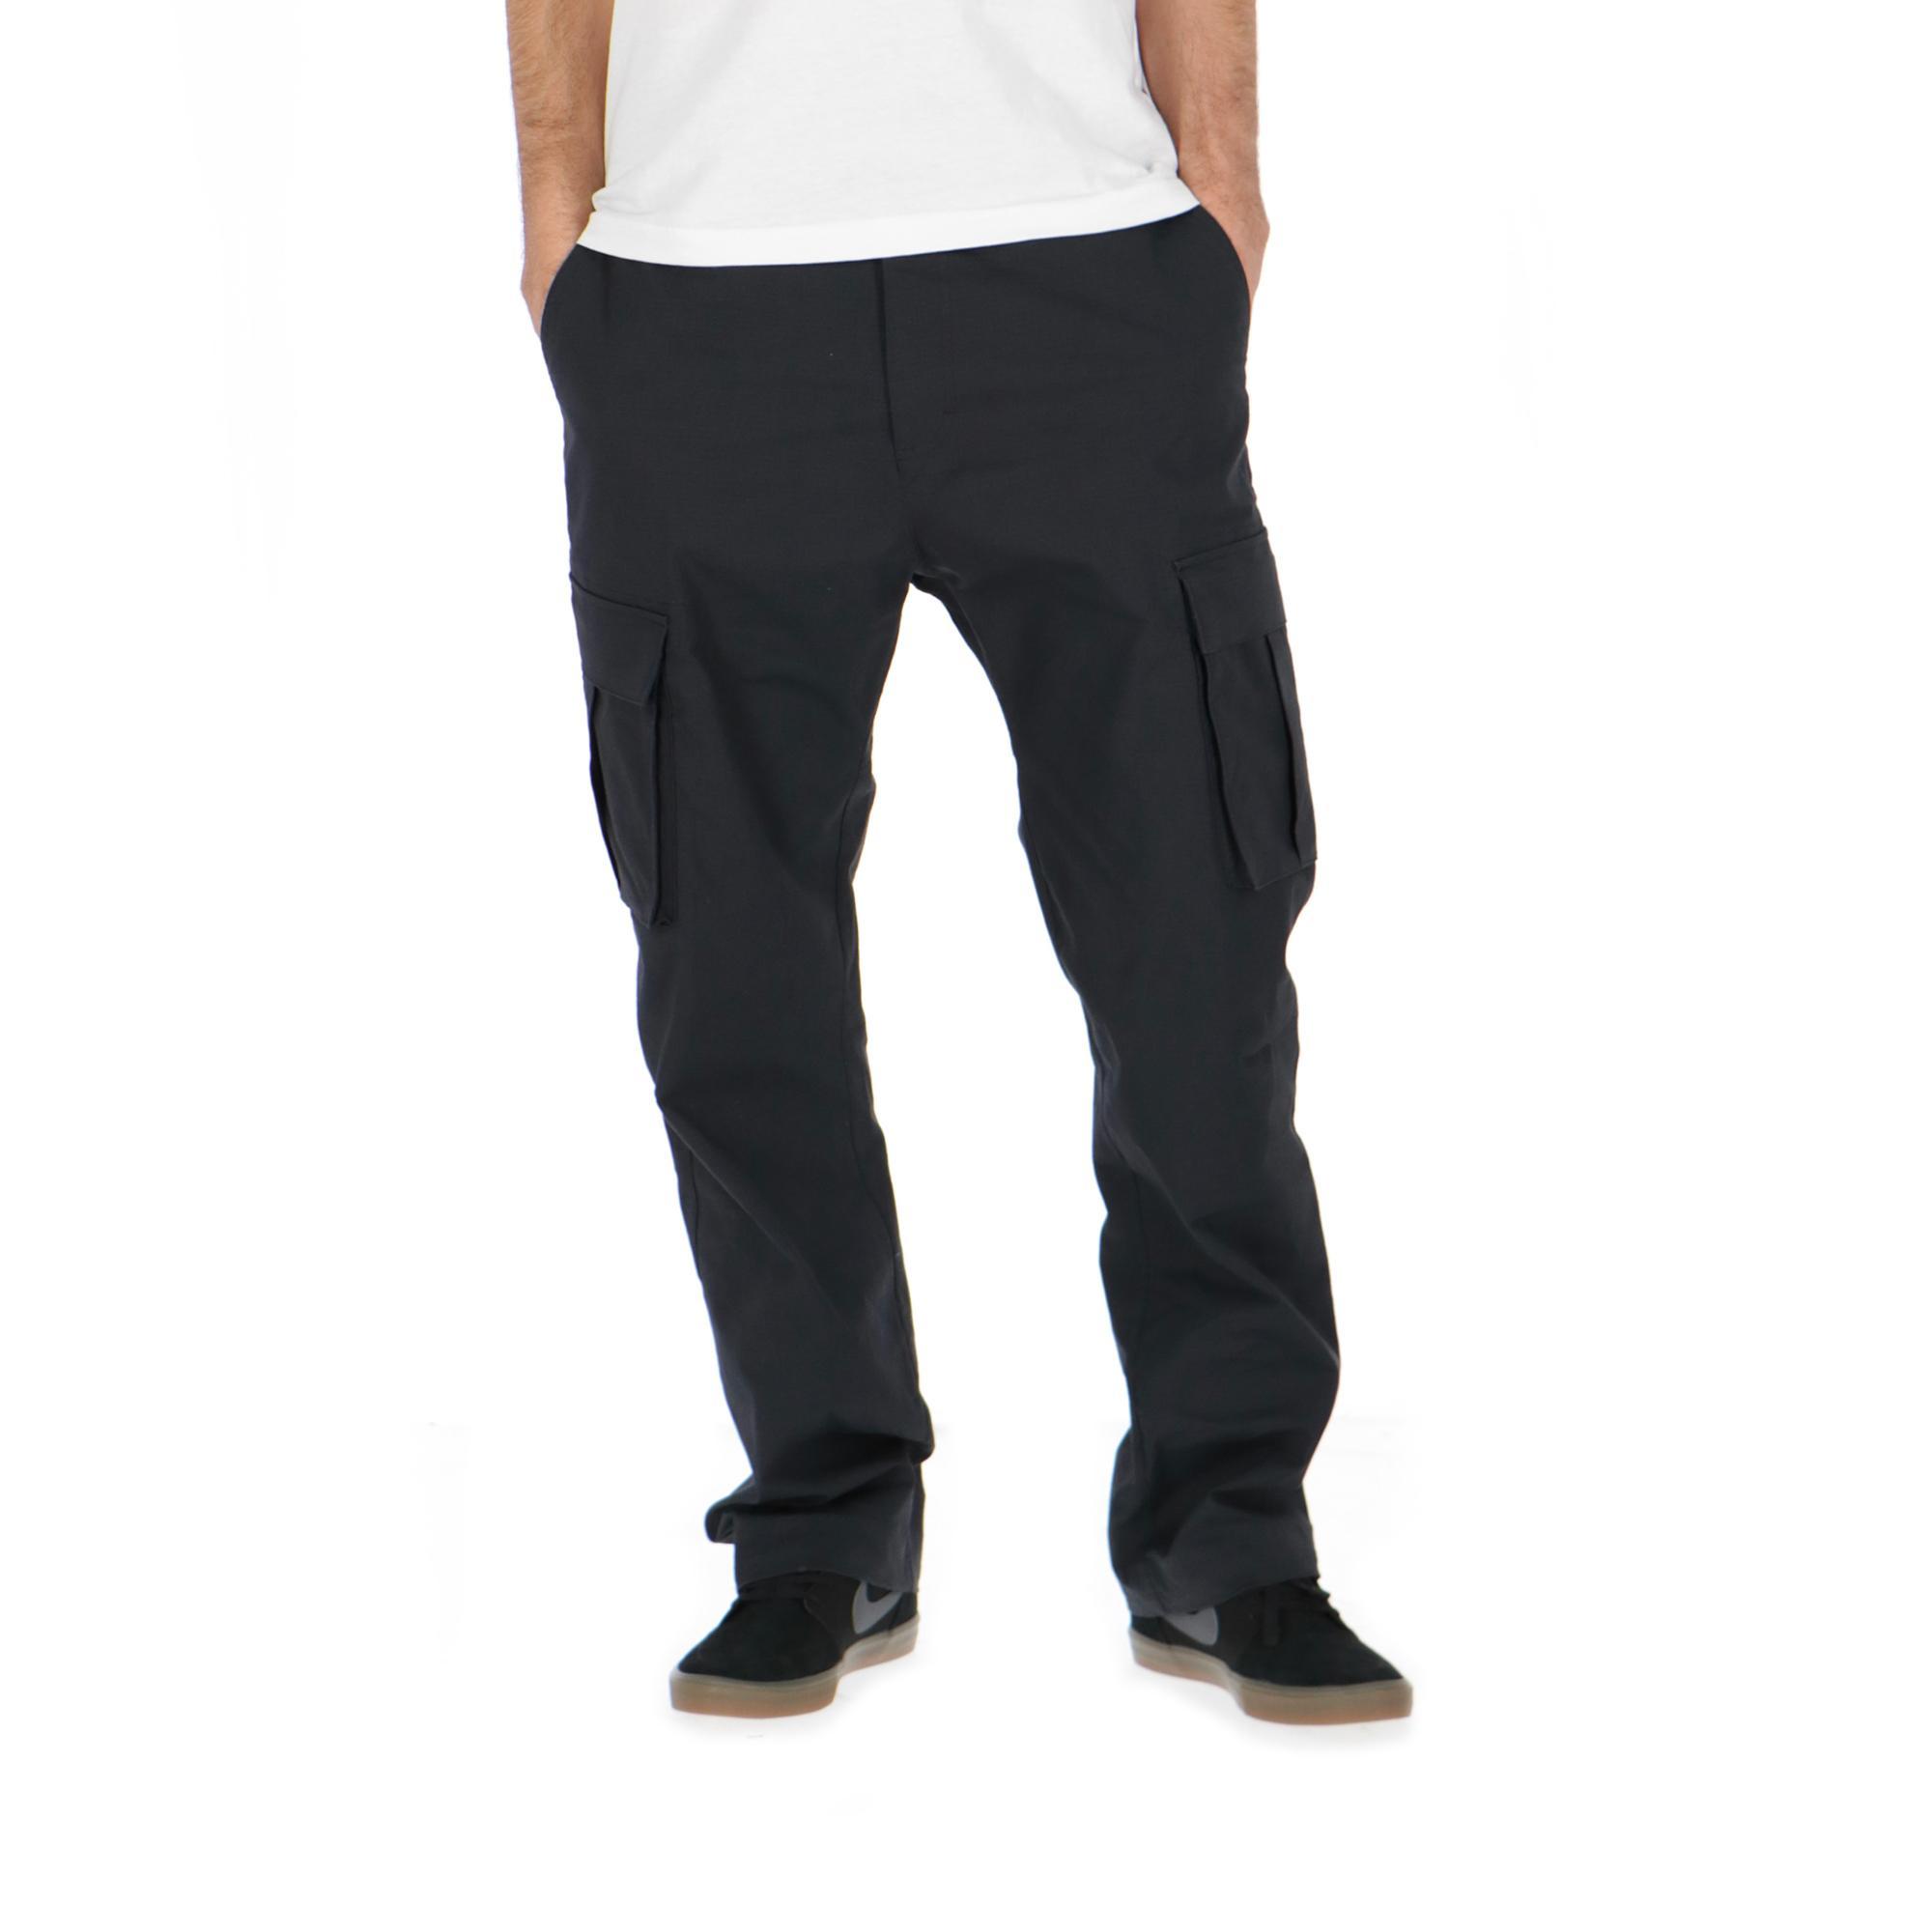 0bfd20c0e3 Nike Sb Flex Pant Ftm Cargo Black | Treesse